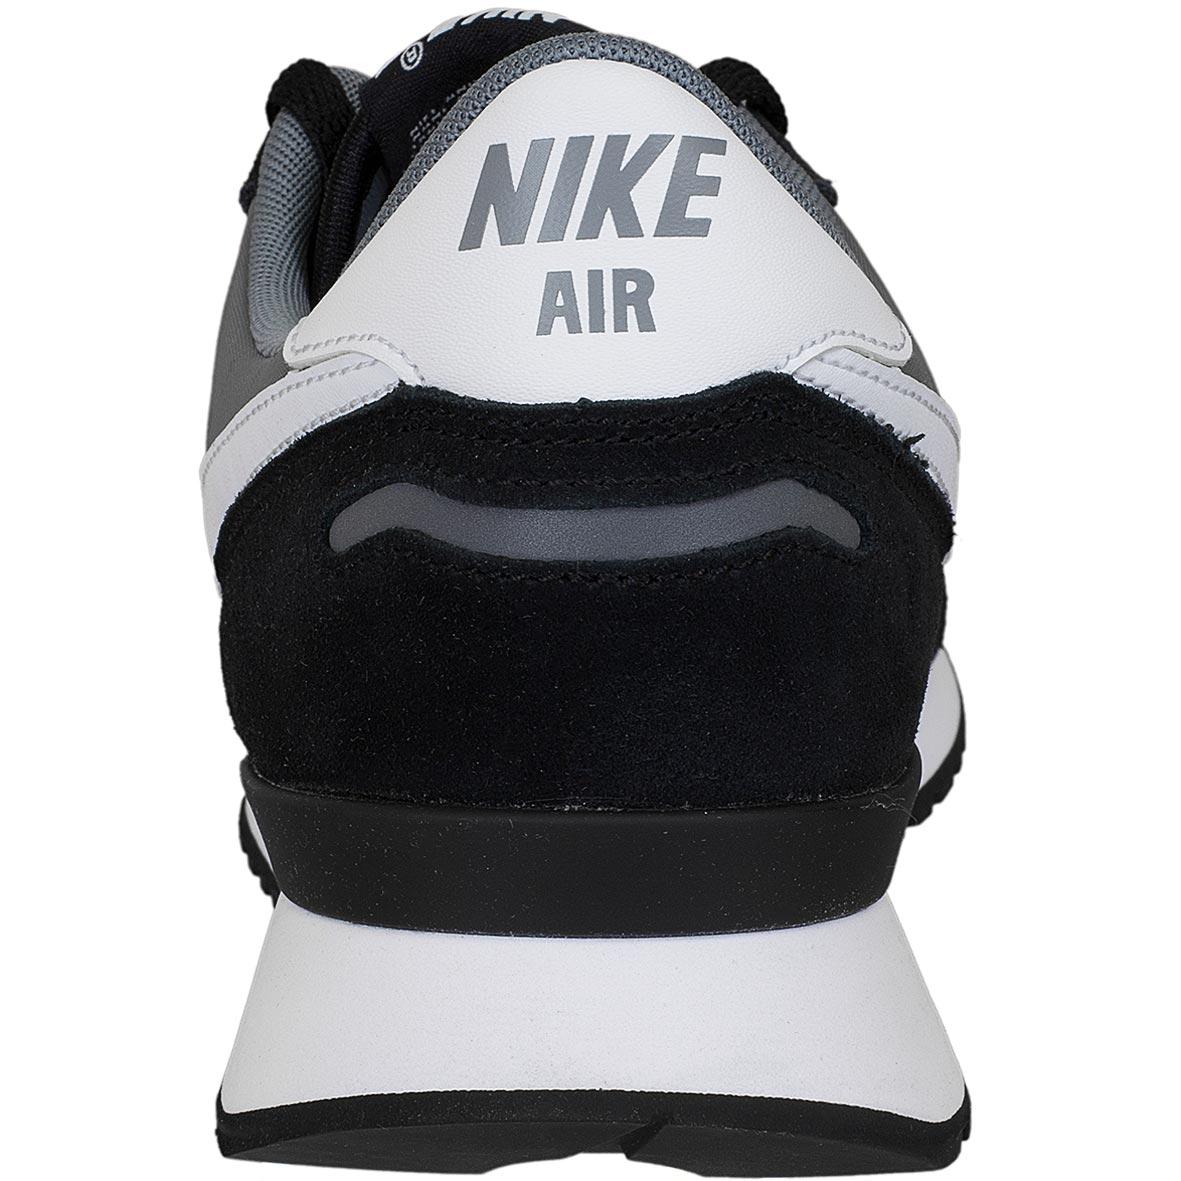 Nike 8cph83us Air Neu Vortex Schwarzweiß Sneaker SMUjVGqpzL